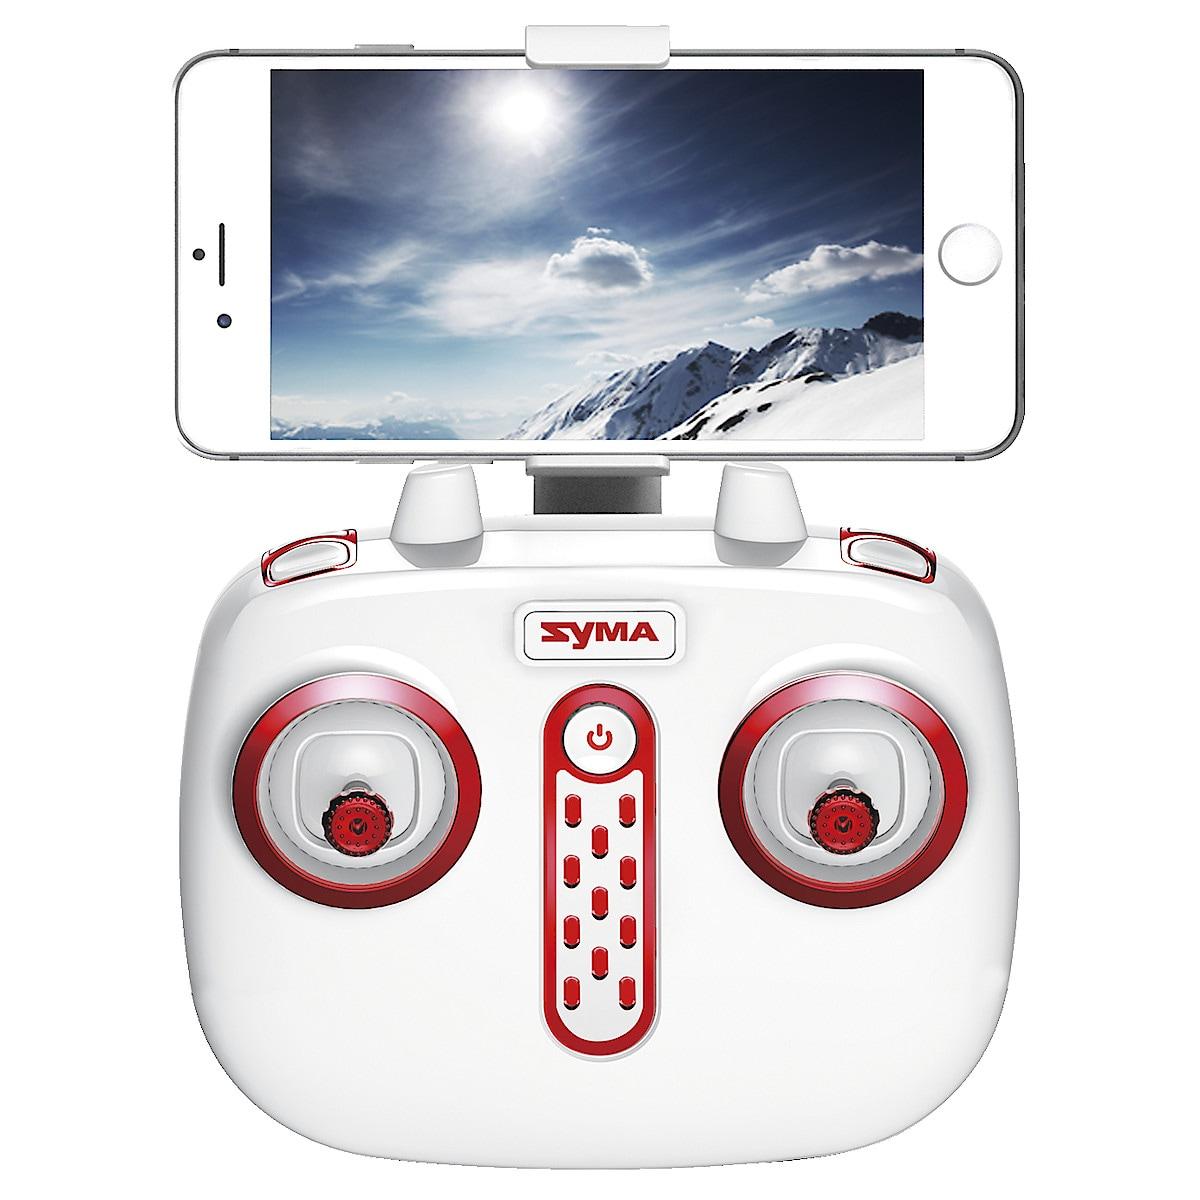 Drönare med kamera och GPS, Syma X25 PRO